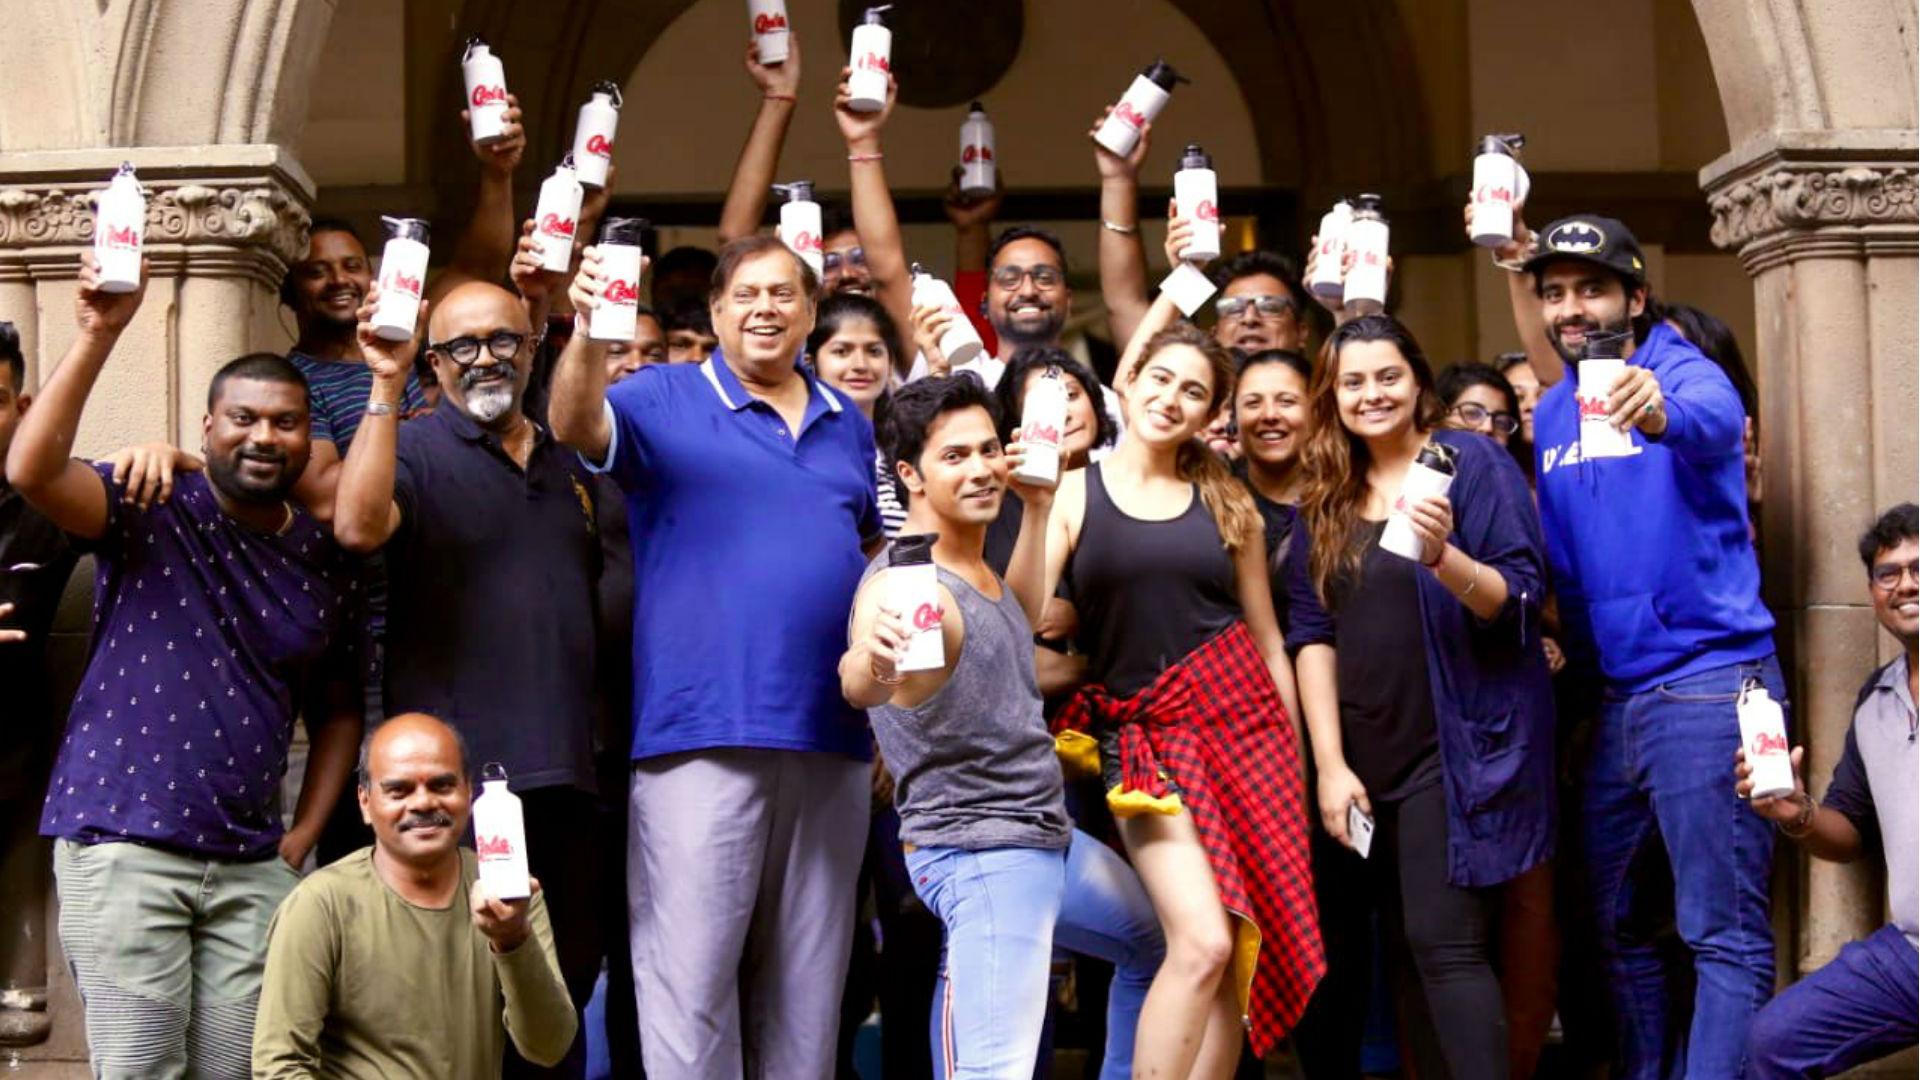 Coolie No 1 Movie: इस तरह से प्लास्टिक फ्री हुआ फिल्म का सेट, तो पीएम नरेंद्र मोदी ने की तारीफ